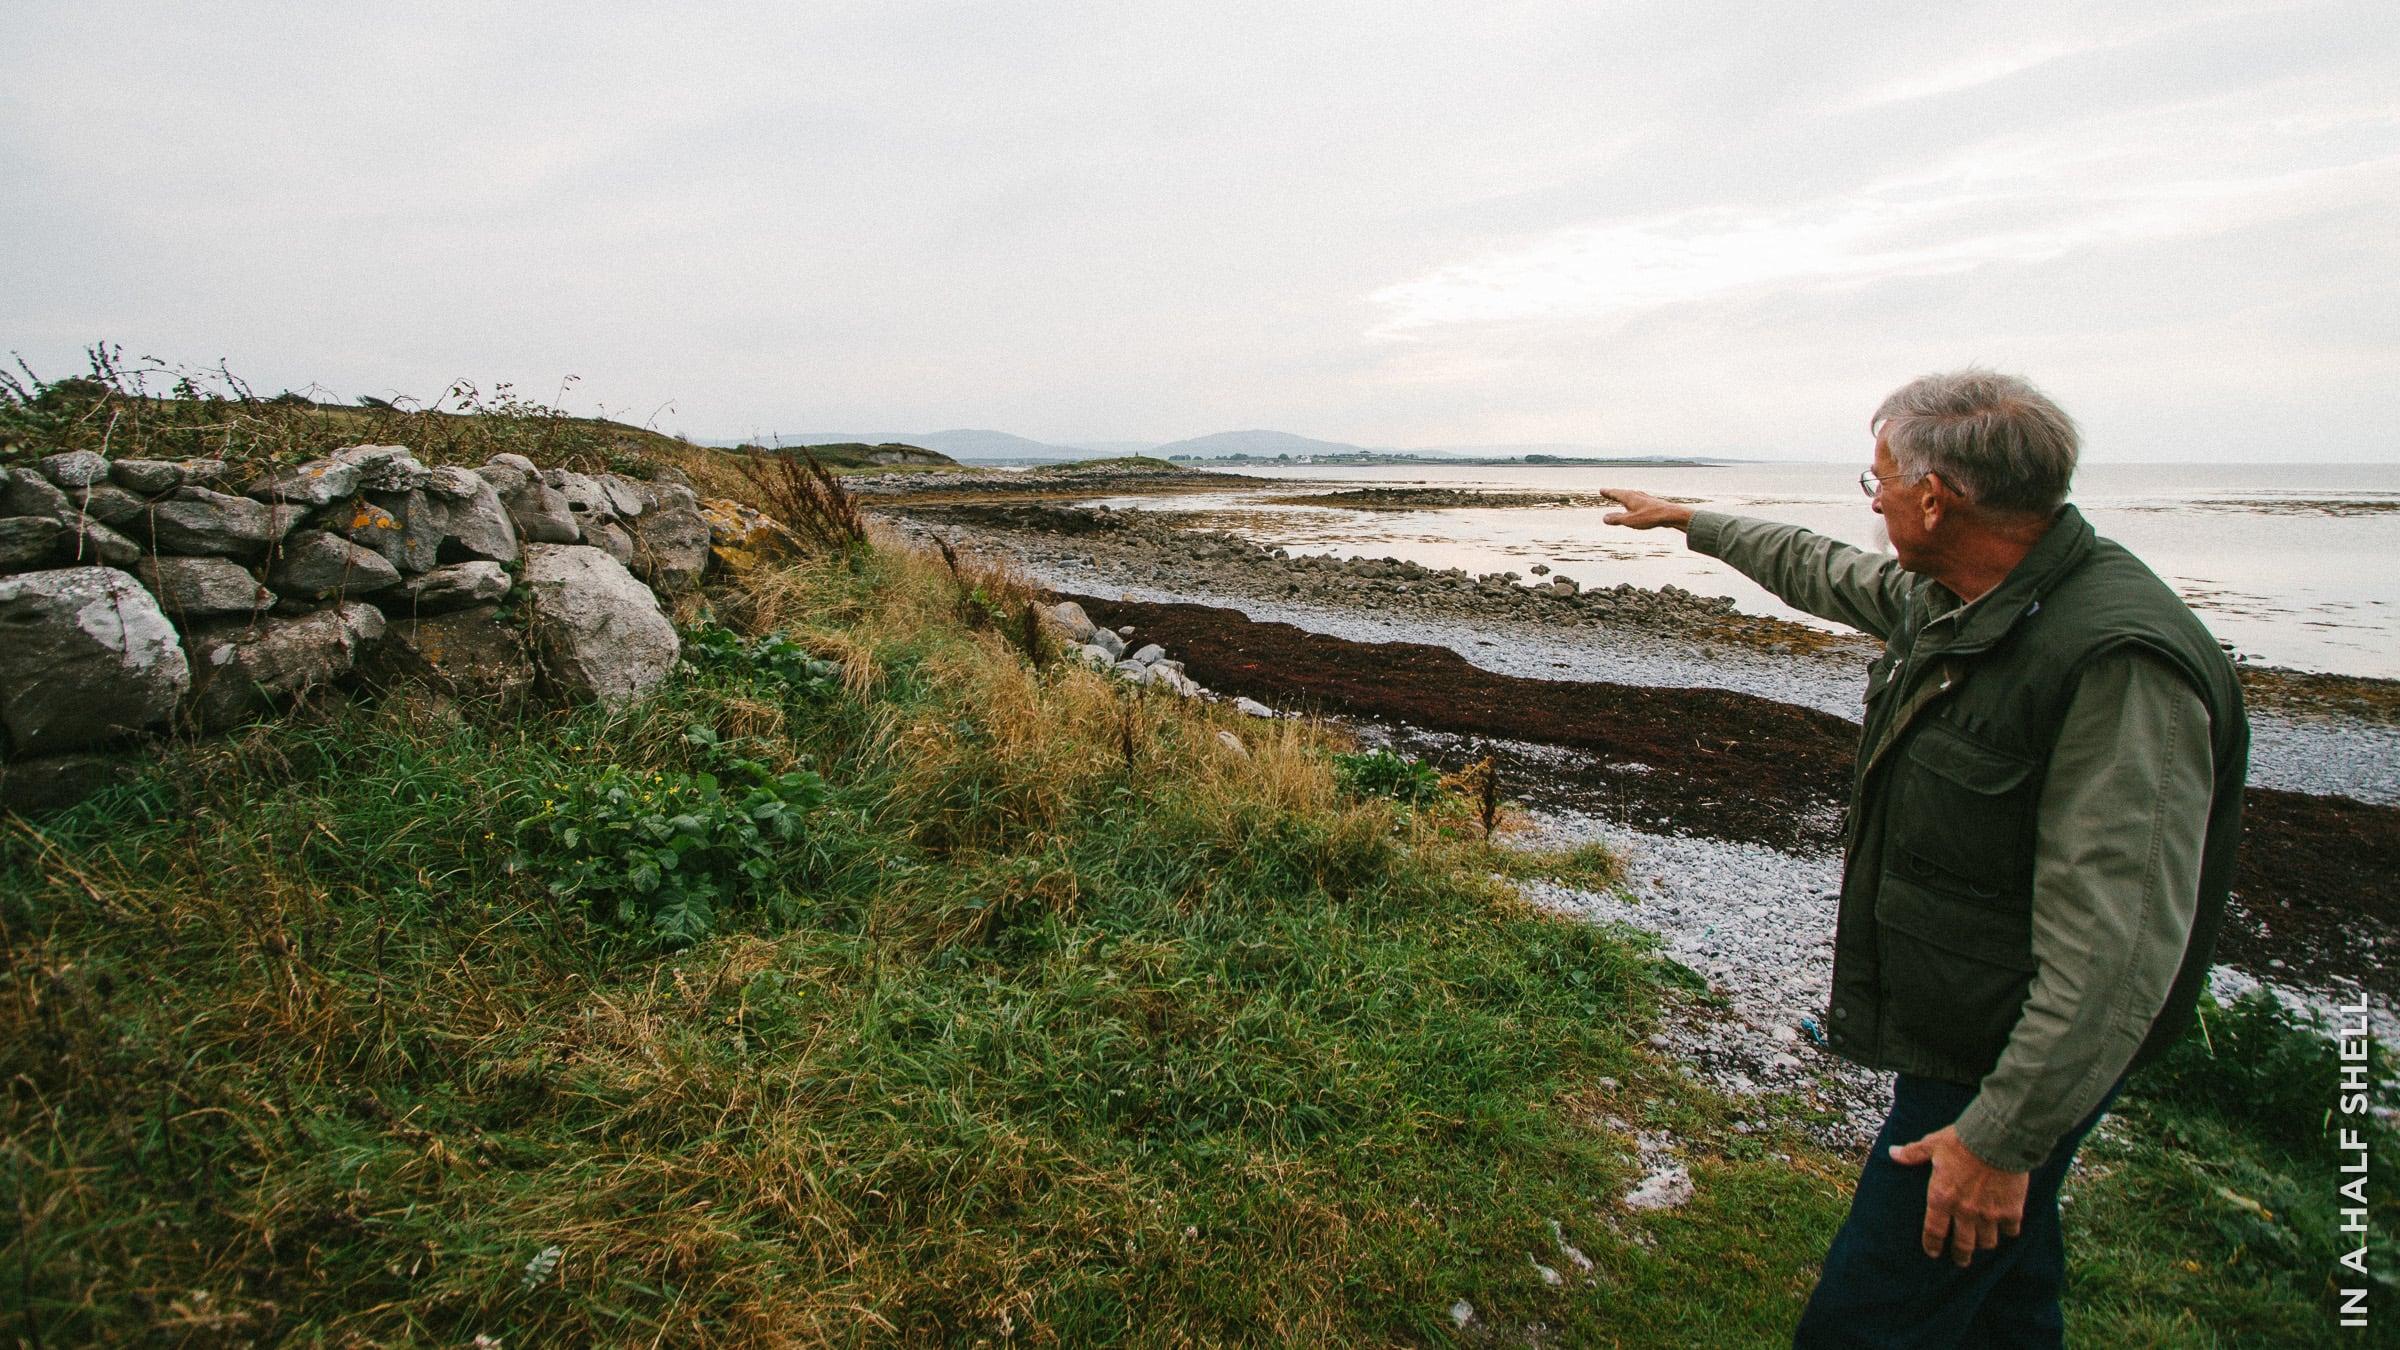 InAHalfShell-2013-IrelandOysterTour-38.jpg